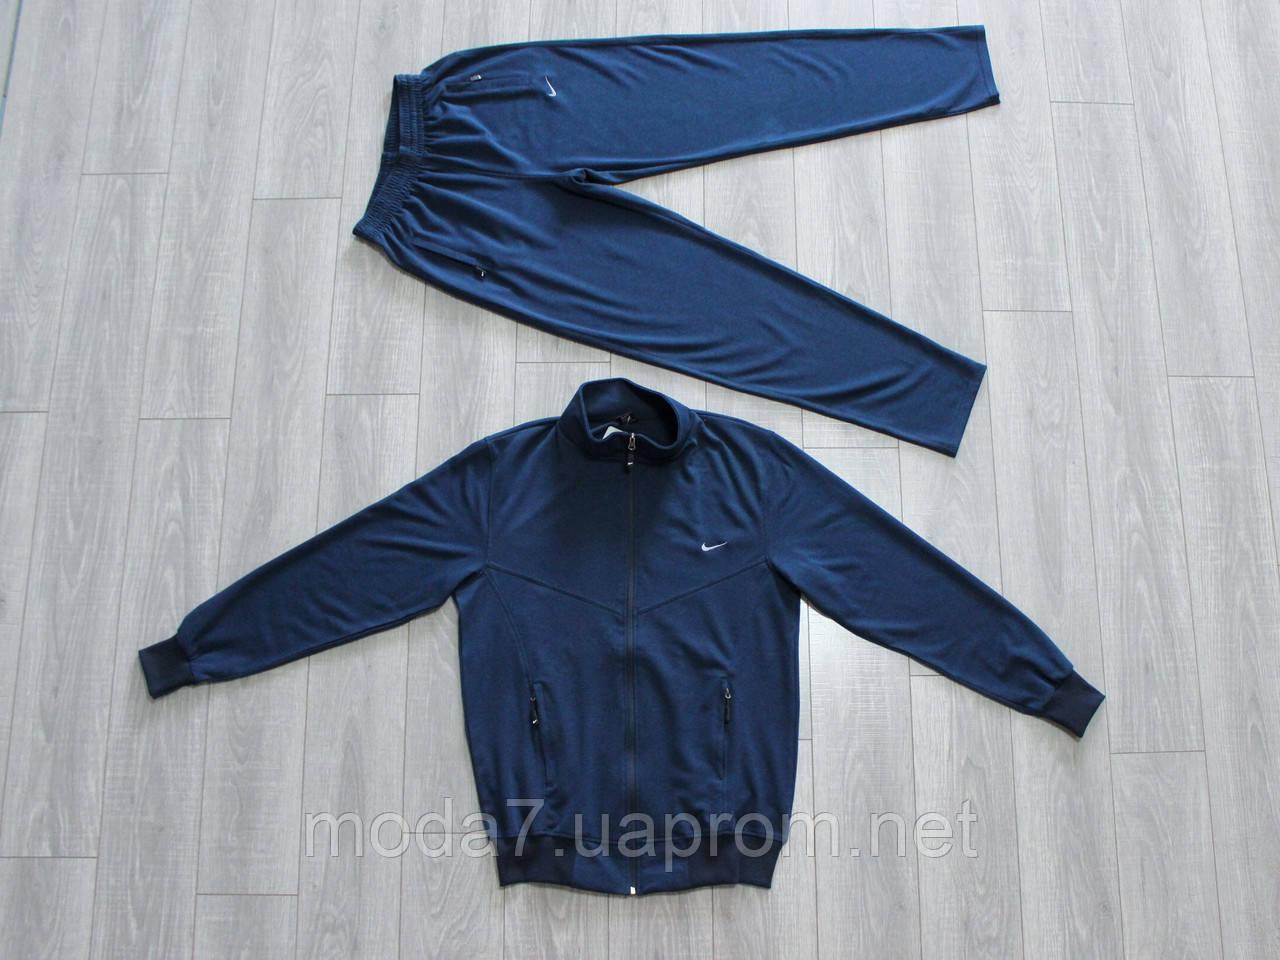 Спортивный костюм мужской Nike батал 56р-62р синий Турция реплика